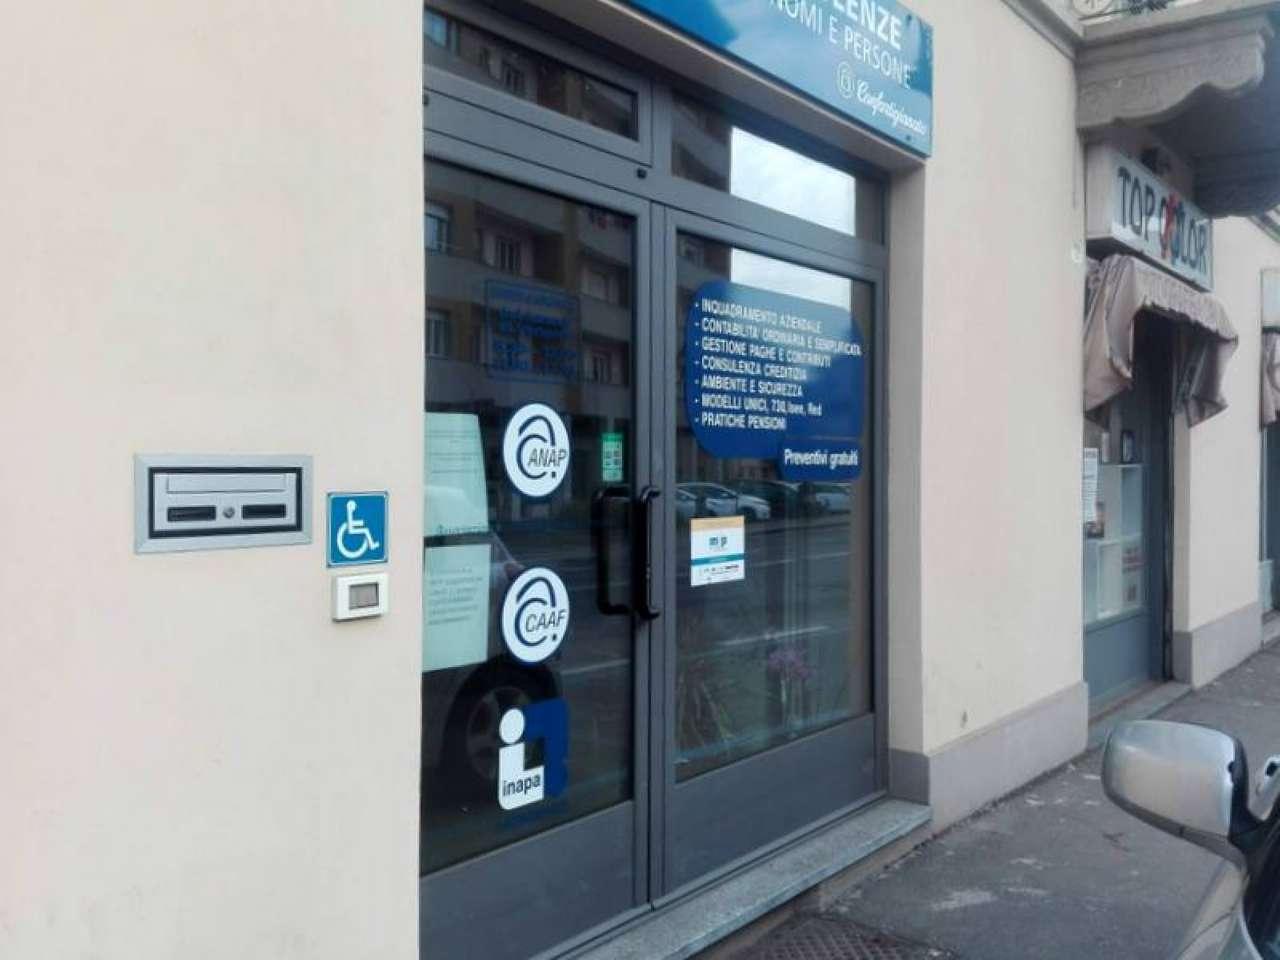 Ufficio / Studio in affitto a Chieri, 2 locali, prezzo € 700 | PortaleAgenzieImmobiliari.it